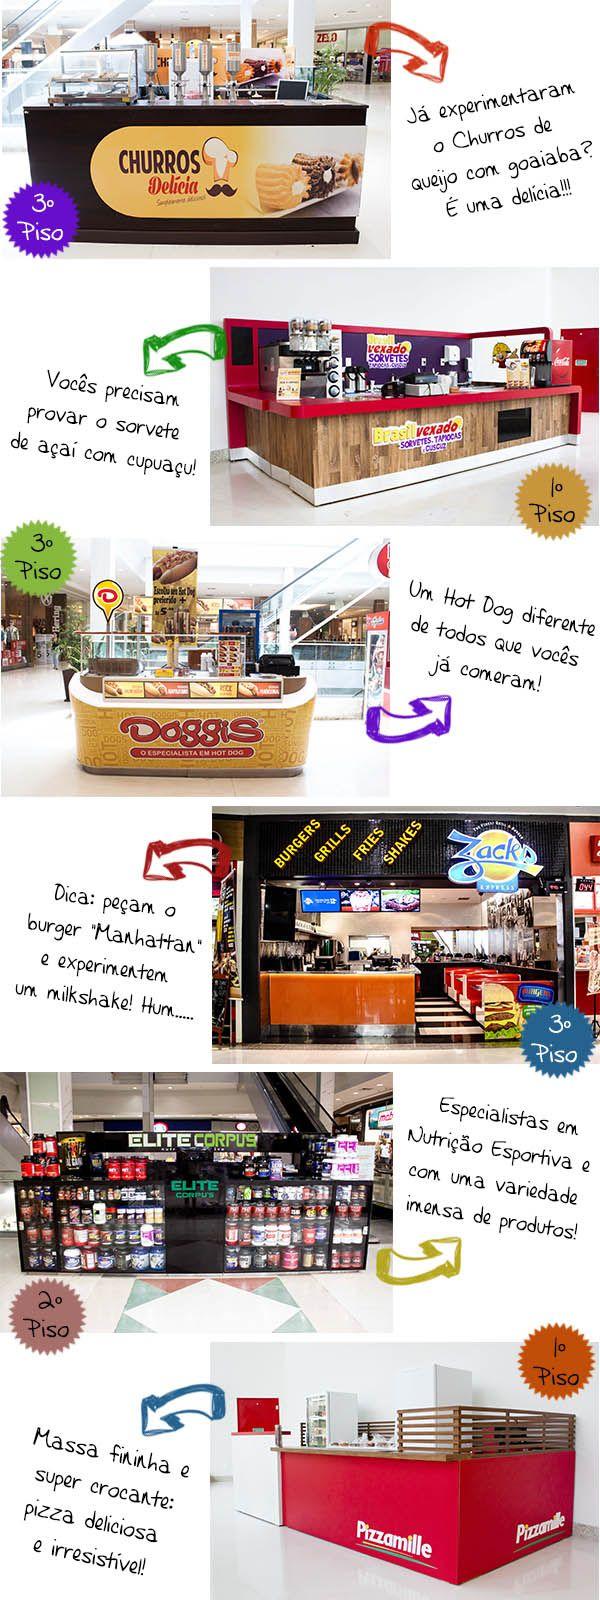 Muitas novidades chegaram no Taguatinga Shopping! Confiram os detalhes clicando na imagem! =D